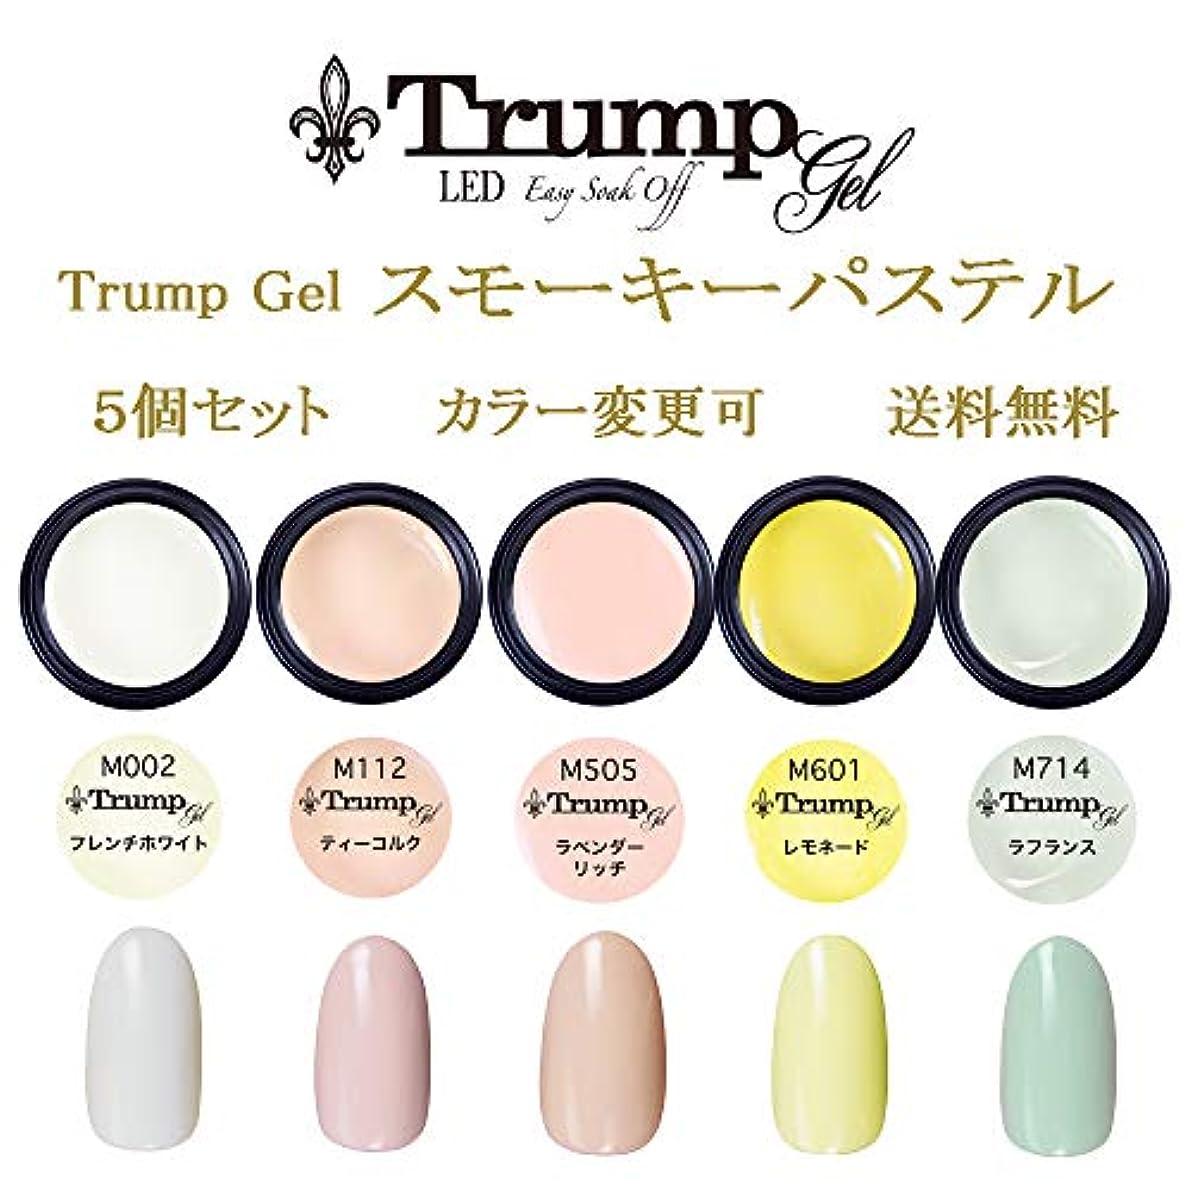 故意にモトリー奨学金日本製 Trump gel トランプジェル スモーキー パステルカラー 選べる カラージェル5個セット ホワイト ベージュ ピンク イエロー グリーン